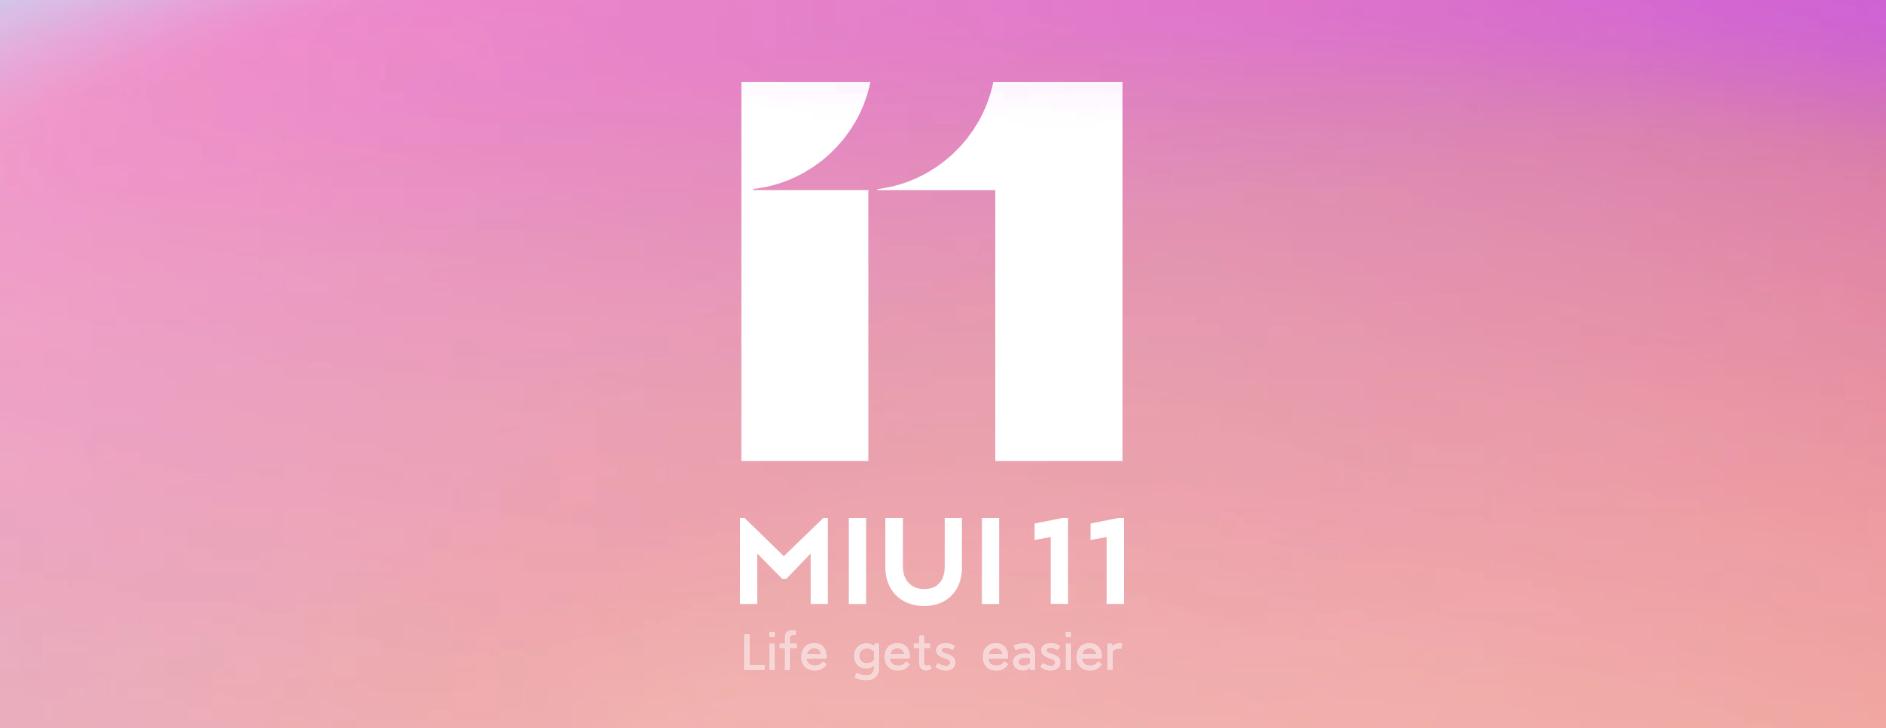 Первое впечатление о Xiaomi MIUI 11 - 1